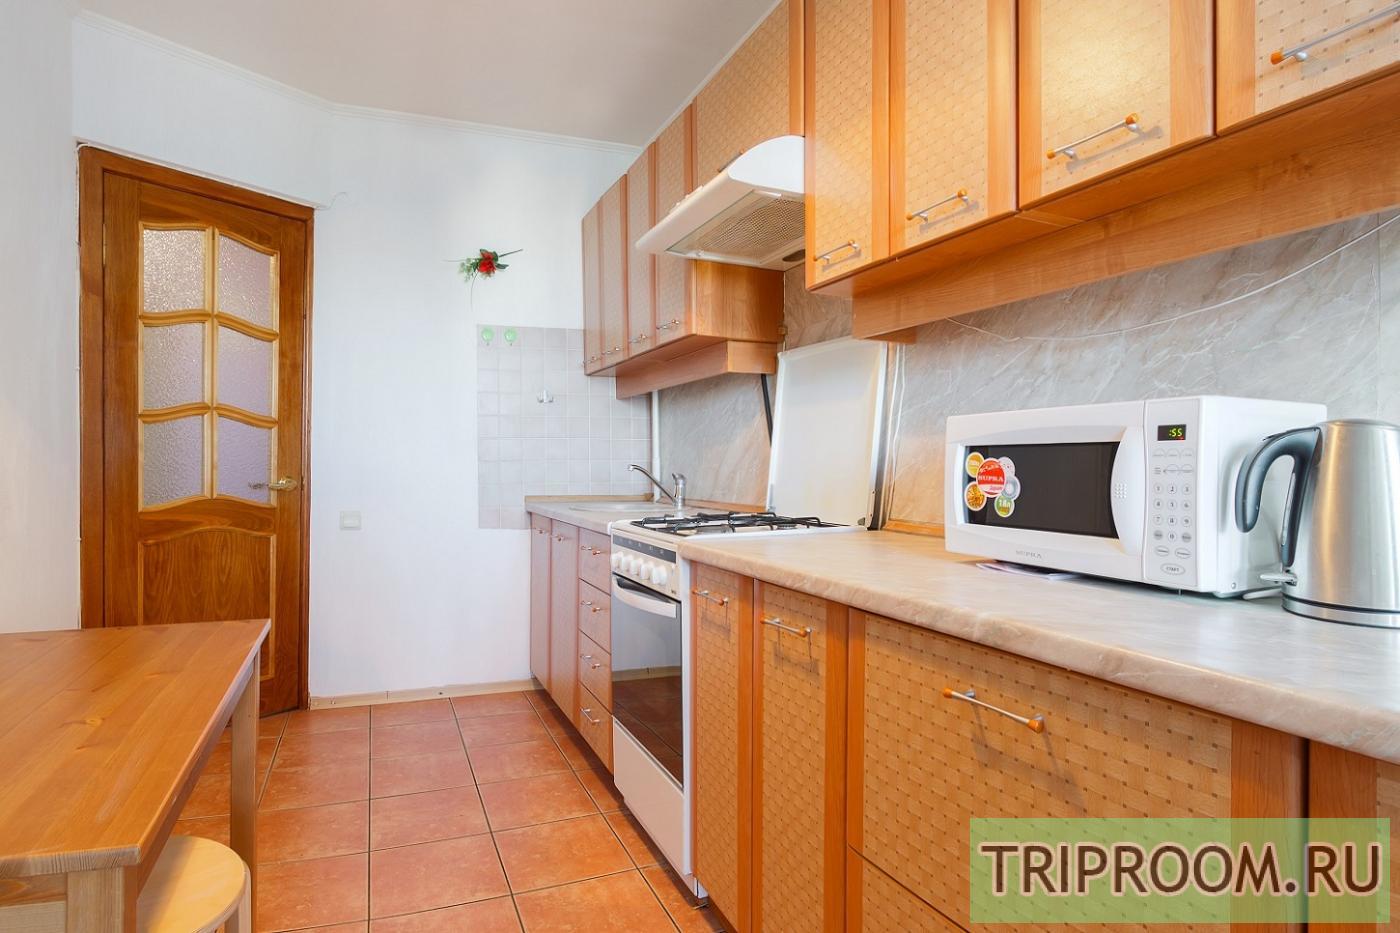 2-комнатная квартира посуточно (вариант № 11540), ул. Красноармейская улица, фото № 7